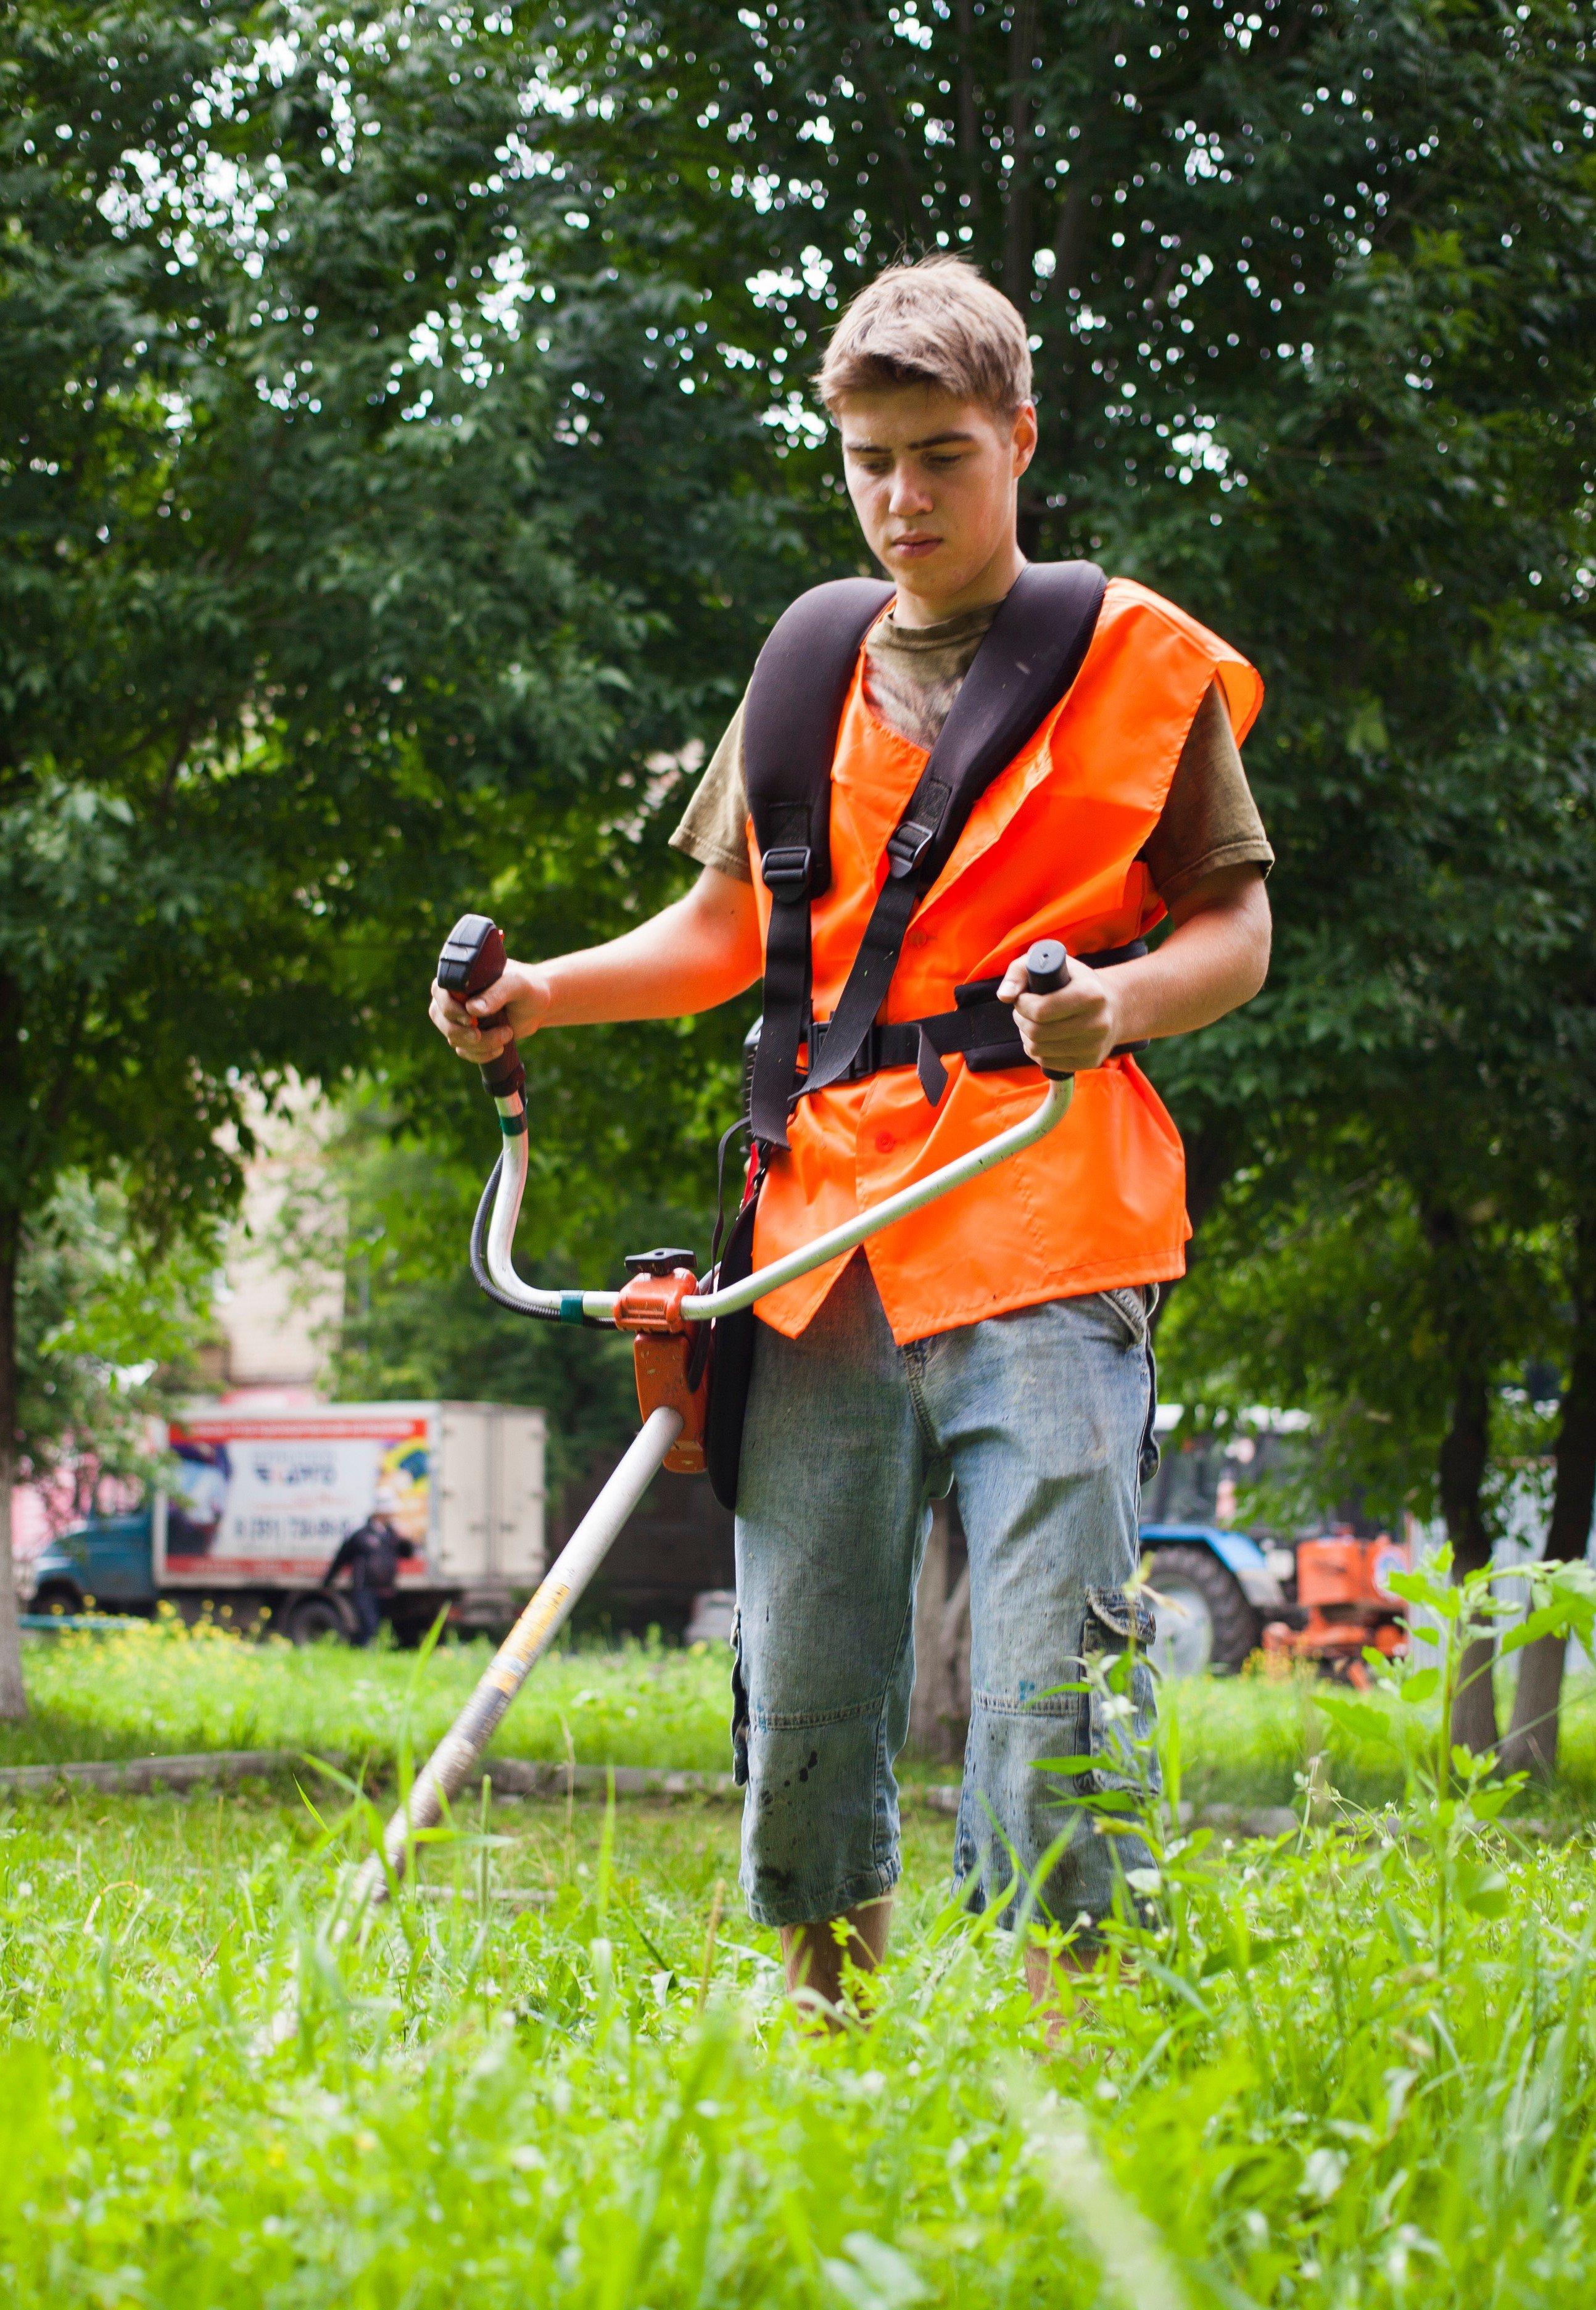 Opiskelija trimmaa nurmikkoa.